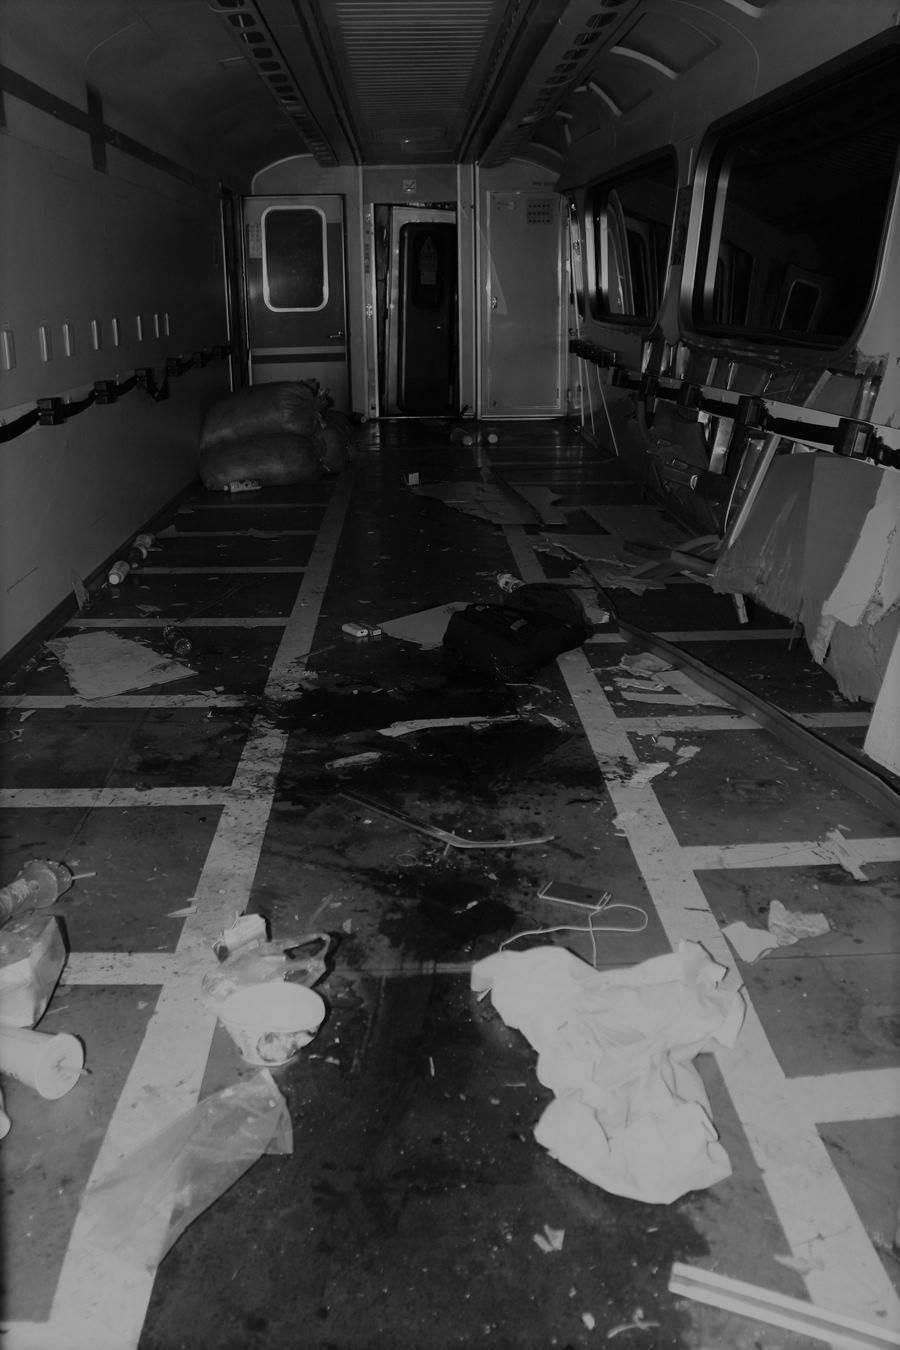 撞擊事件導致列車車廂血跡斑斑,共計內9人受傷送醫。照片經變色處理。(民眾提供/謝瓊雲彰化傳真)